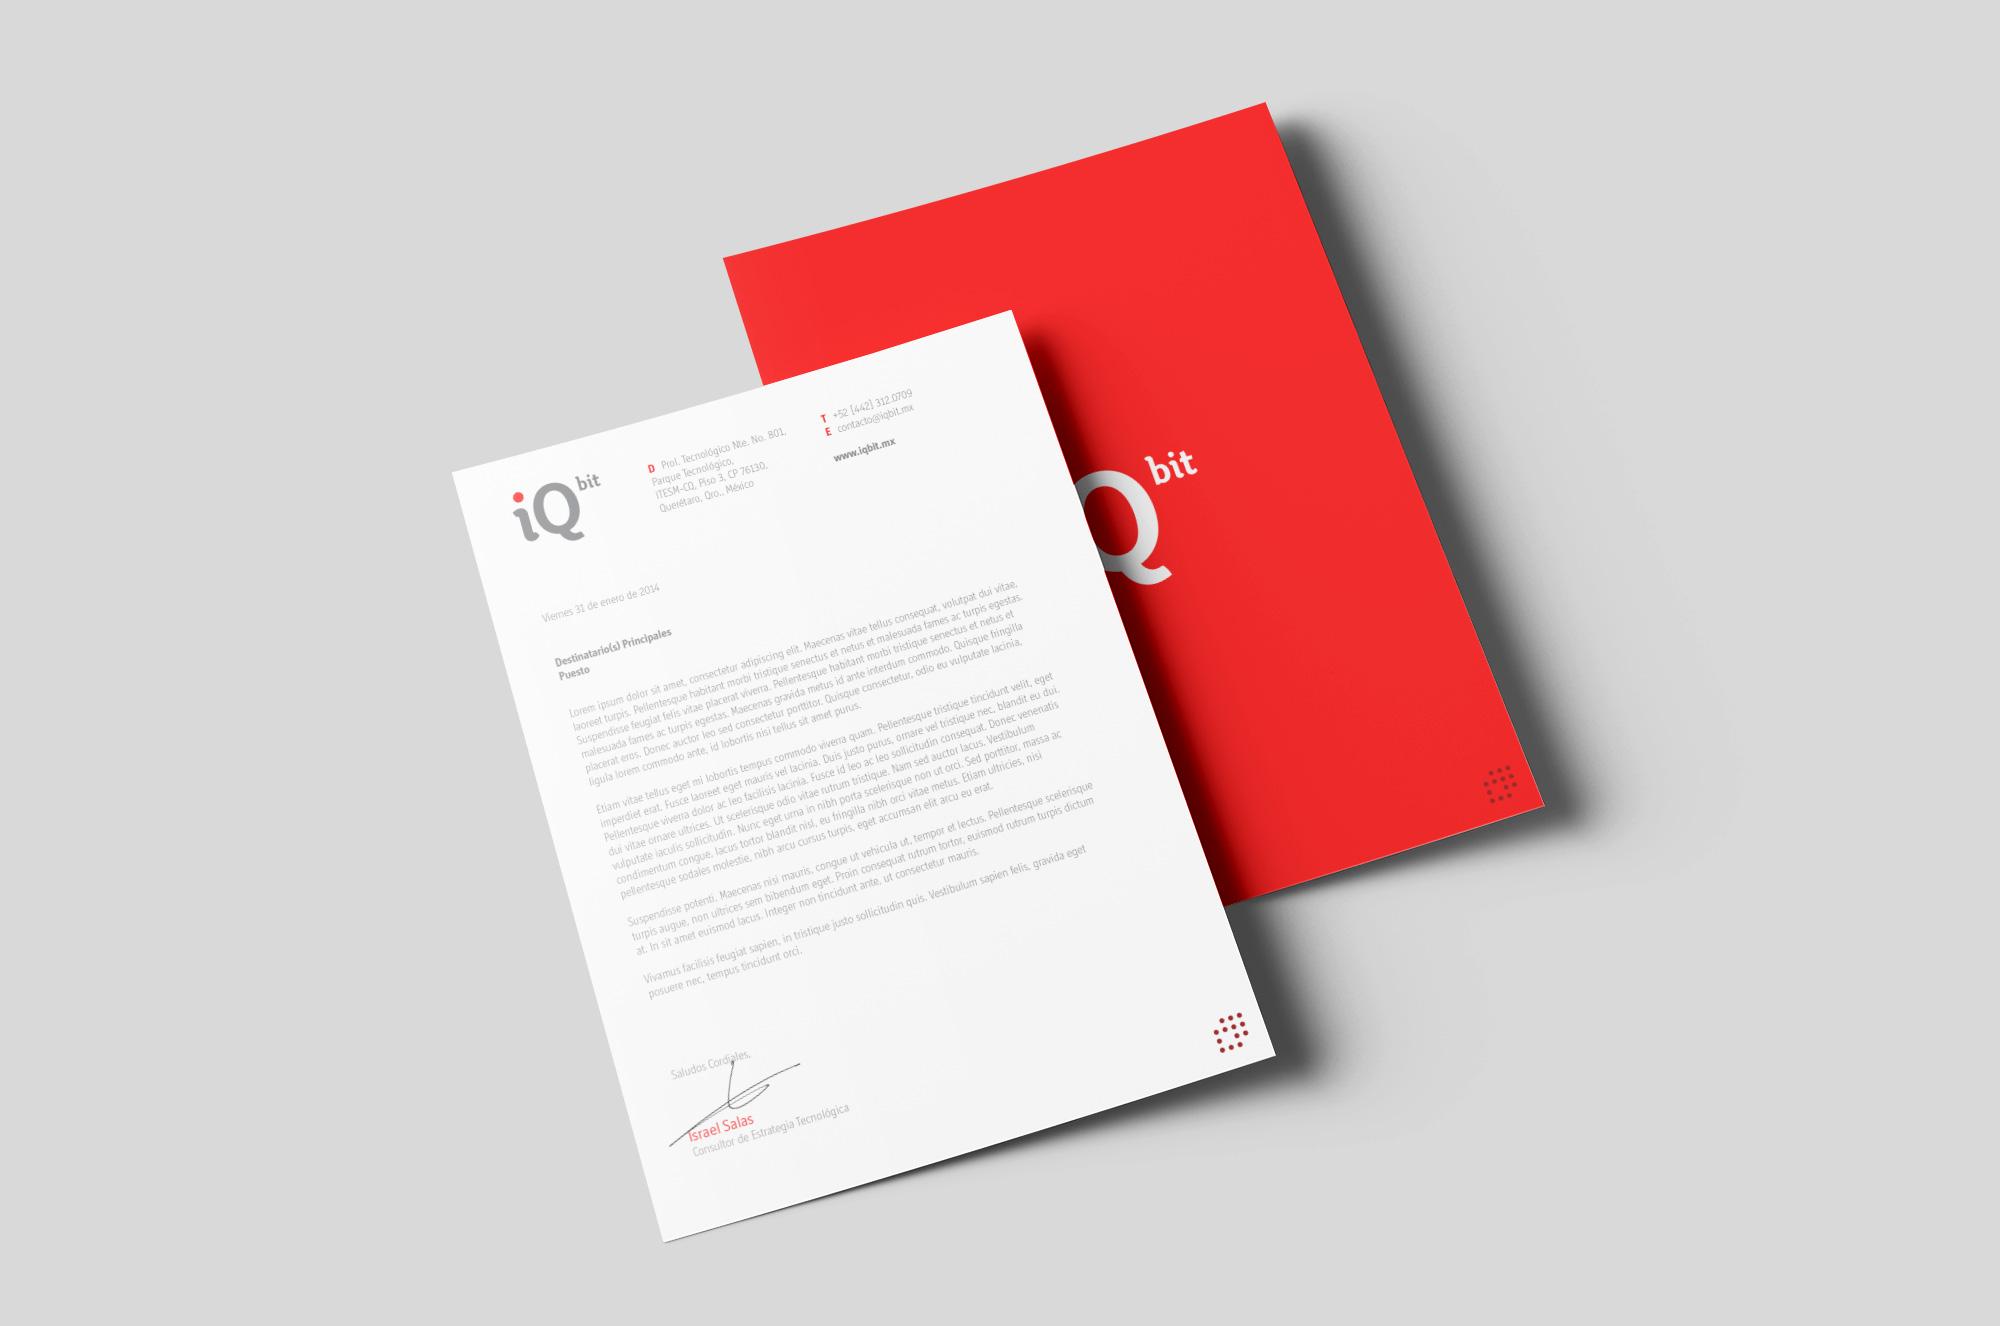 raniev-rod-alvarez-diseño-gráfico-queretaro-iqbit-7-letterhead